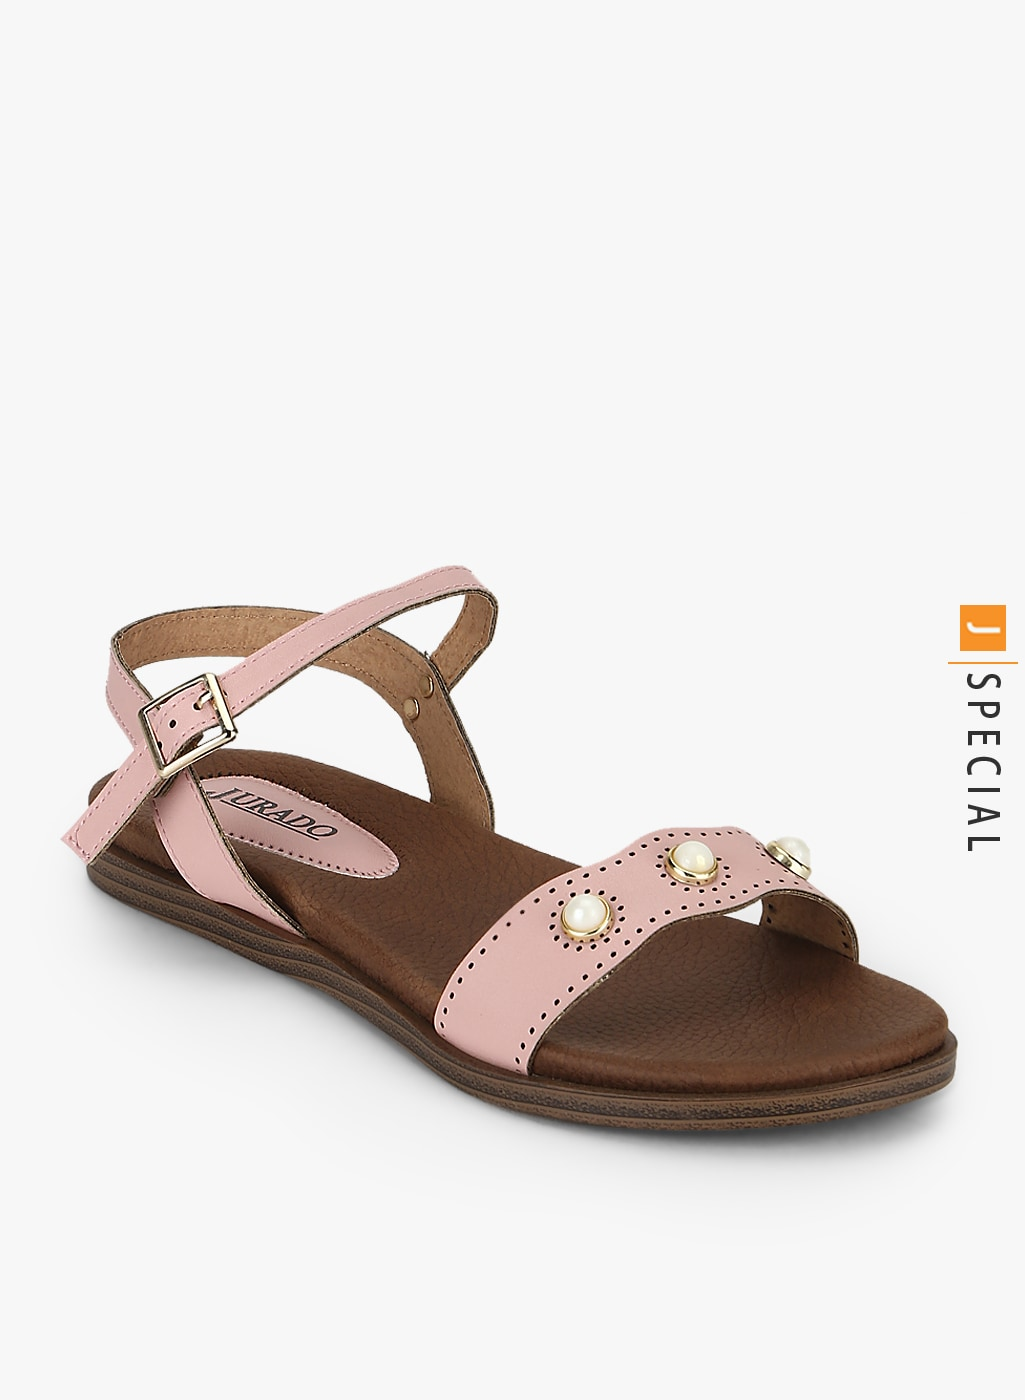 Women Shoes Fila Jurado - Buy Women